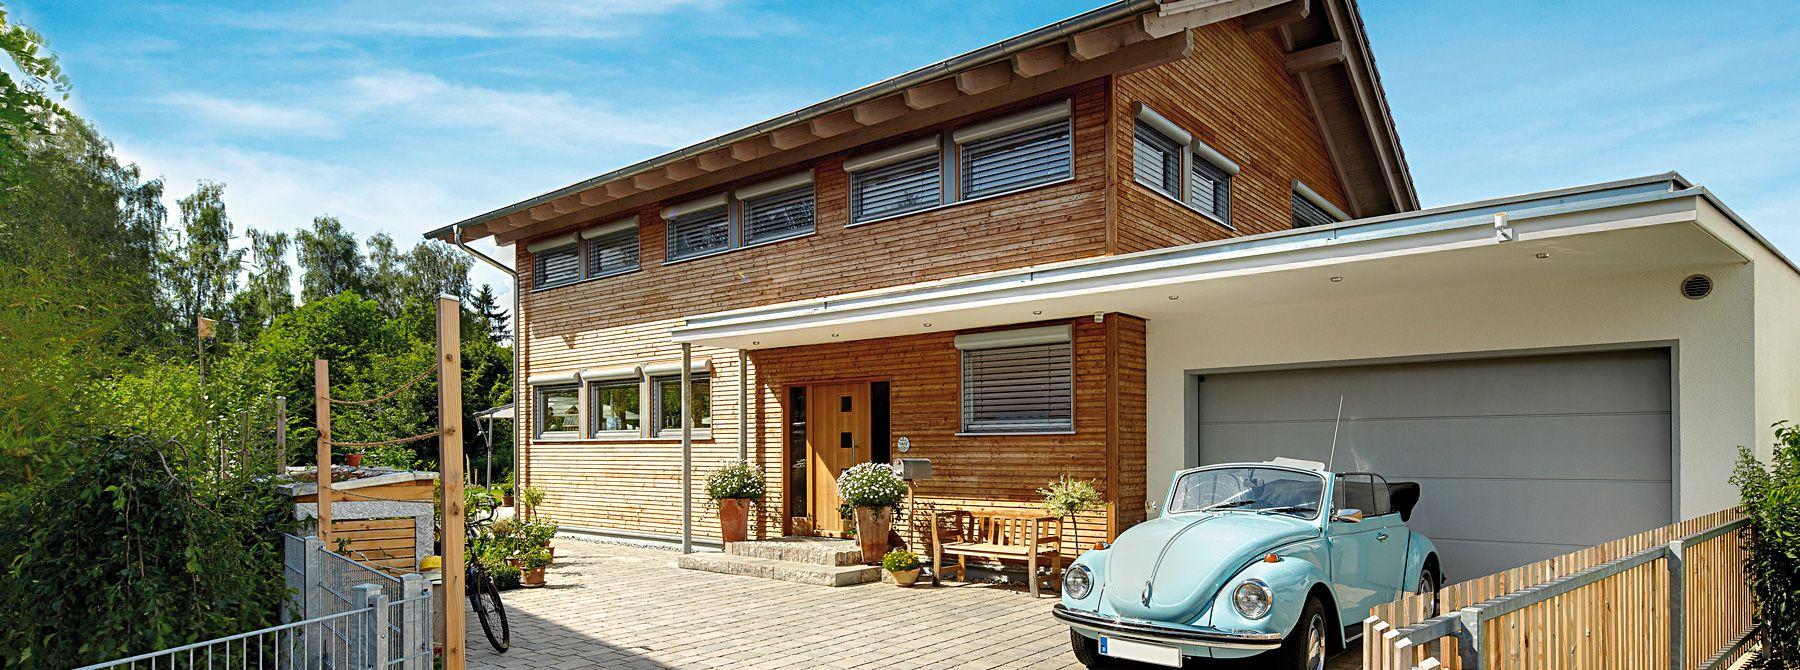 Fenster und Garagentor hellgrau | house.grundriss.außen. | Pinterest ...